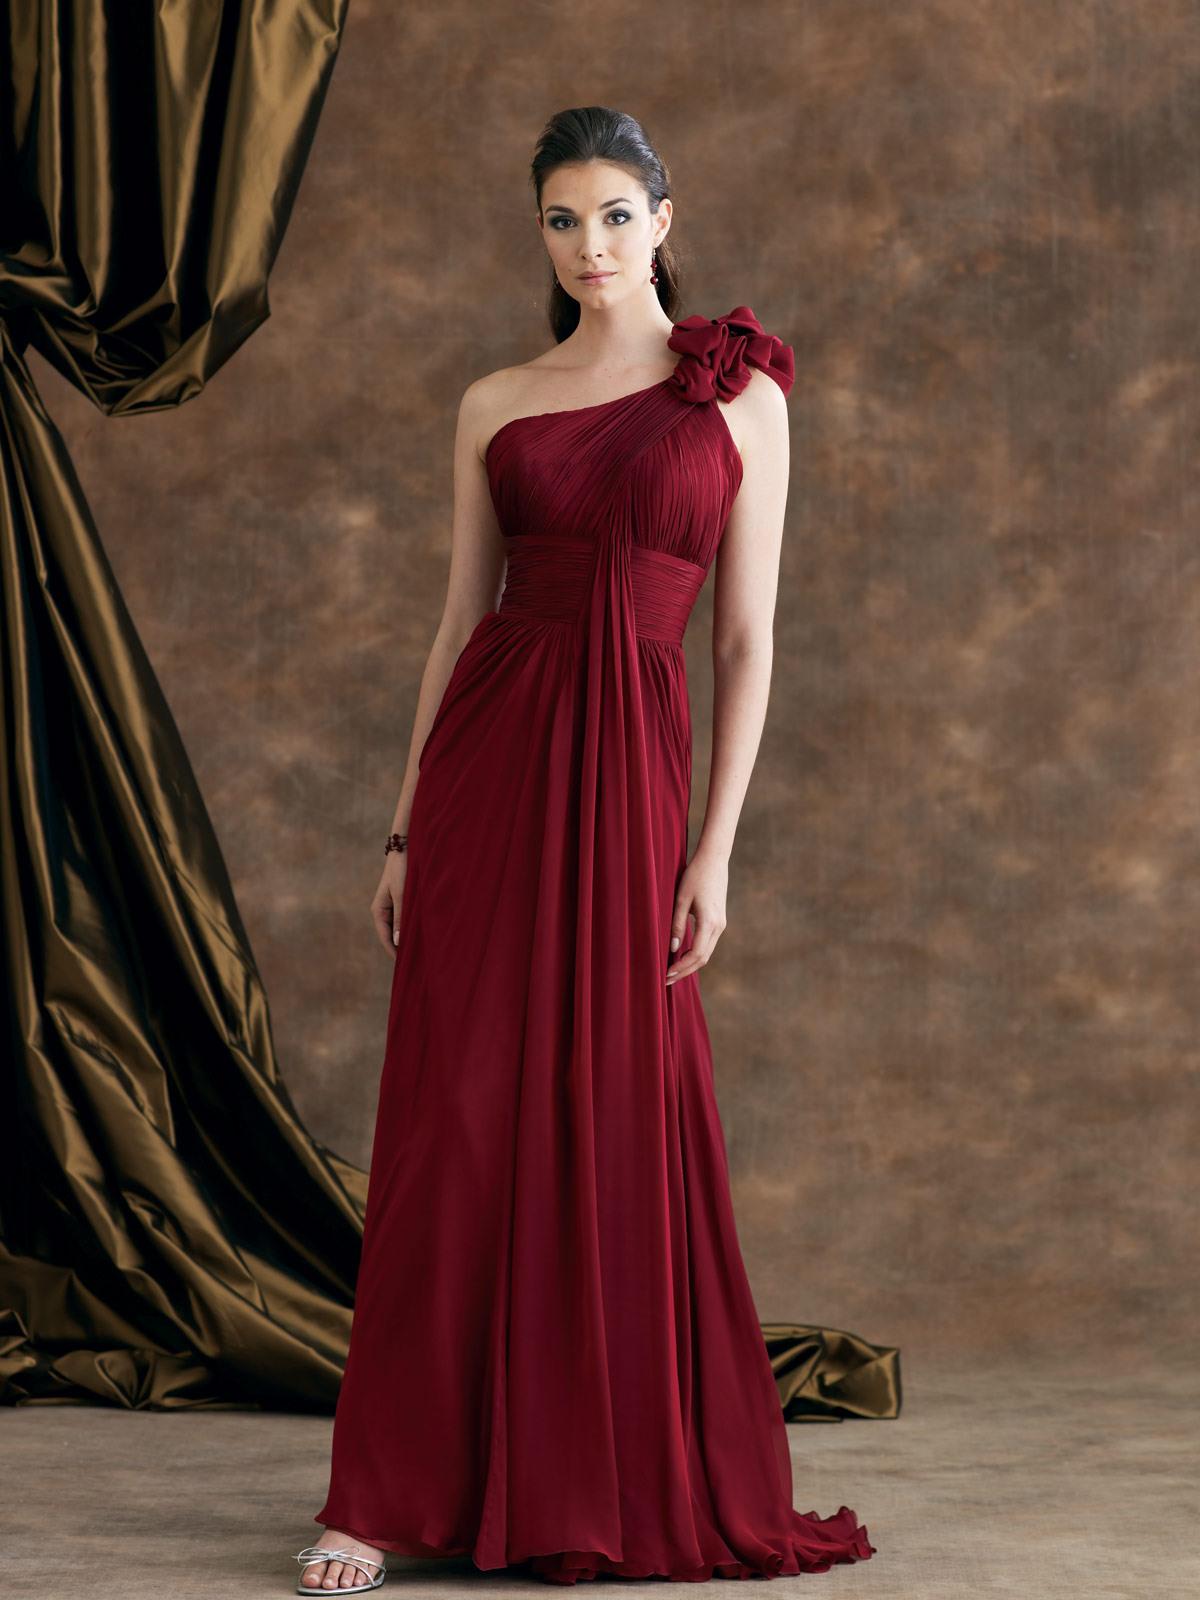 10 Cool Henna Abend Rotes Kleid für 201913 Schön Henna Abend Rotes Kleid Spezialgebiet